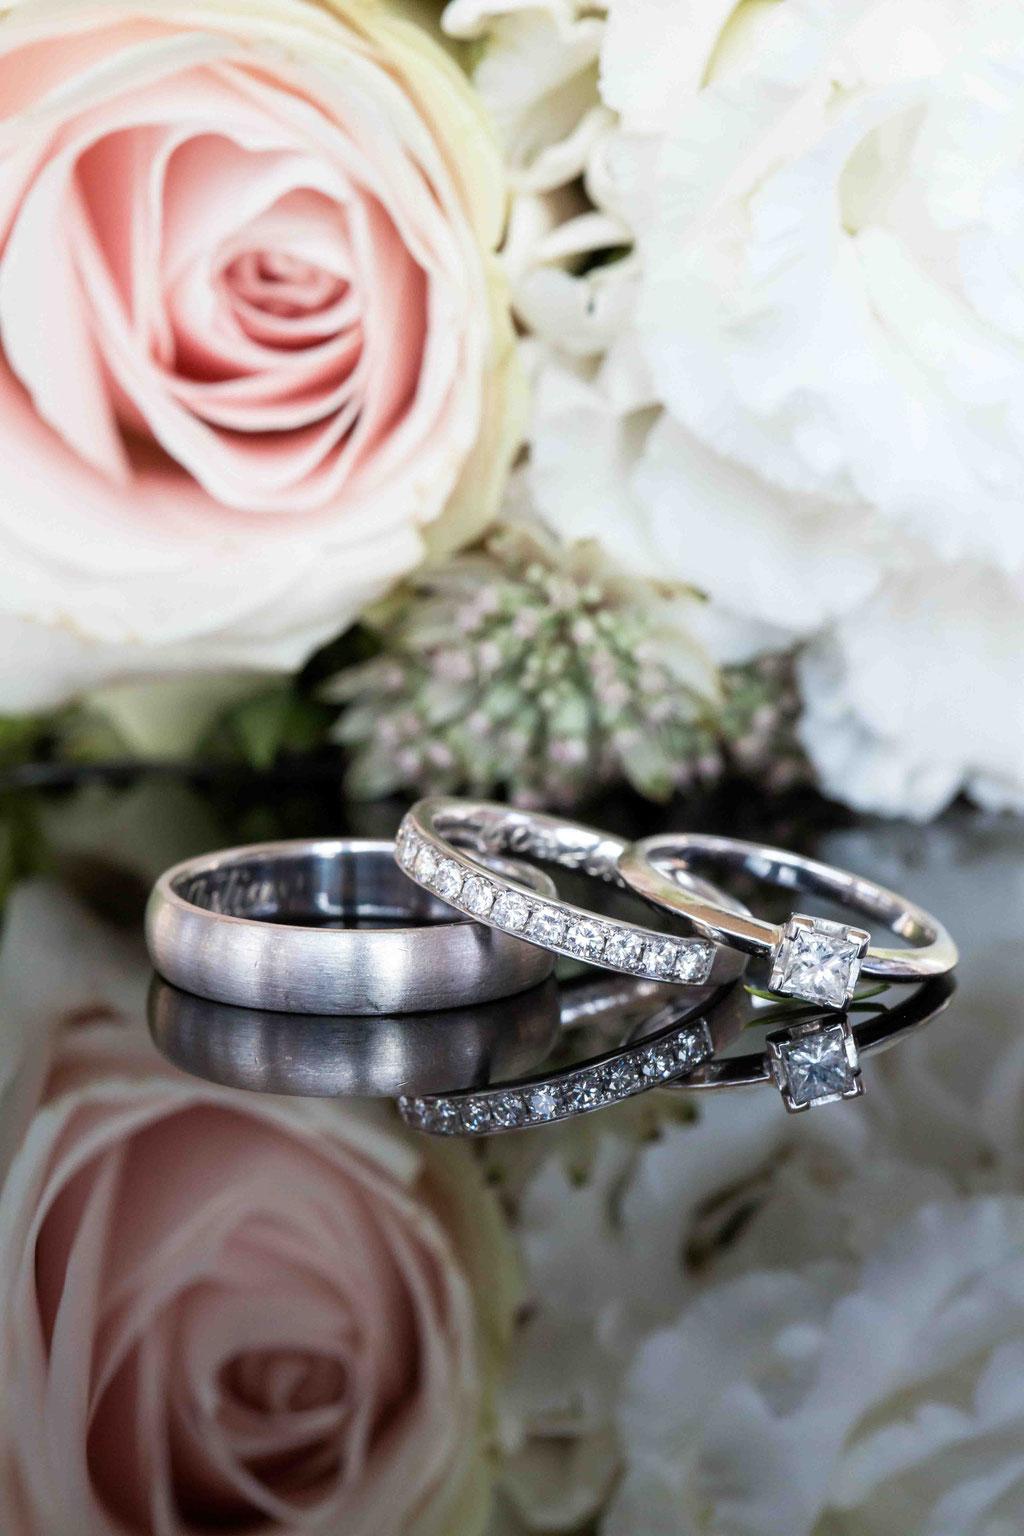 Makroaufnahmen in der Hochzeitsfotografie, Makroaufnahmen Eheringe, Details der Hochzeit, Hochzeitspics